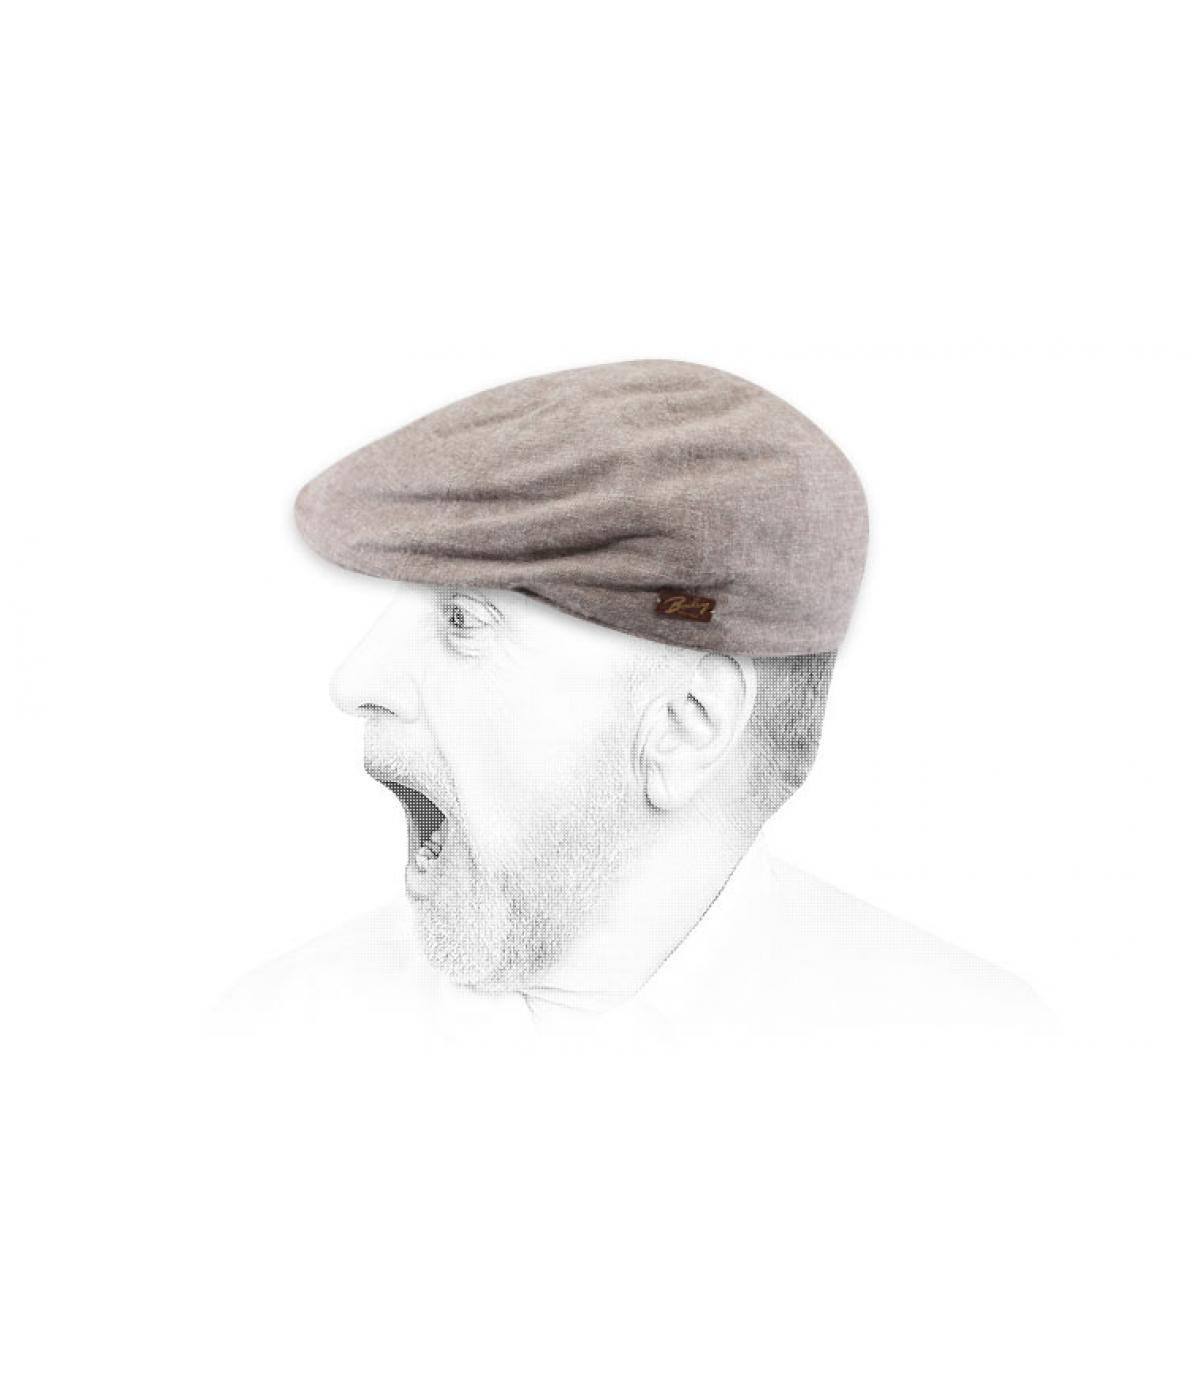 casquette duckbill coton marron